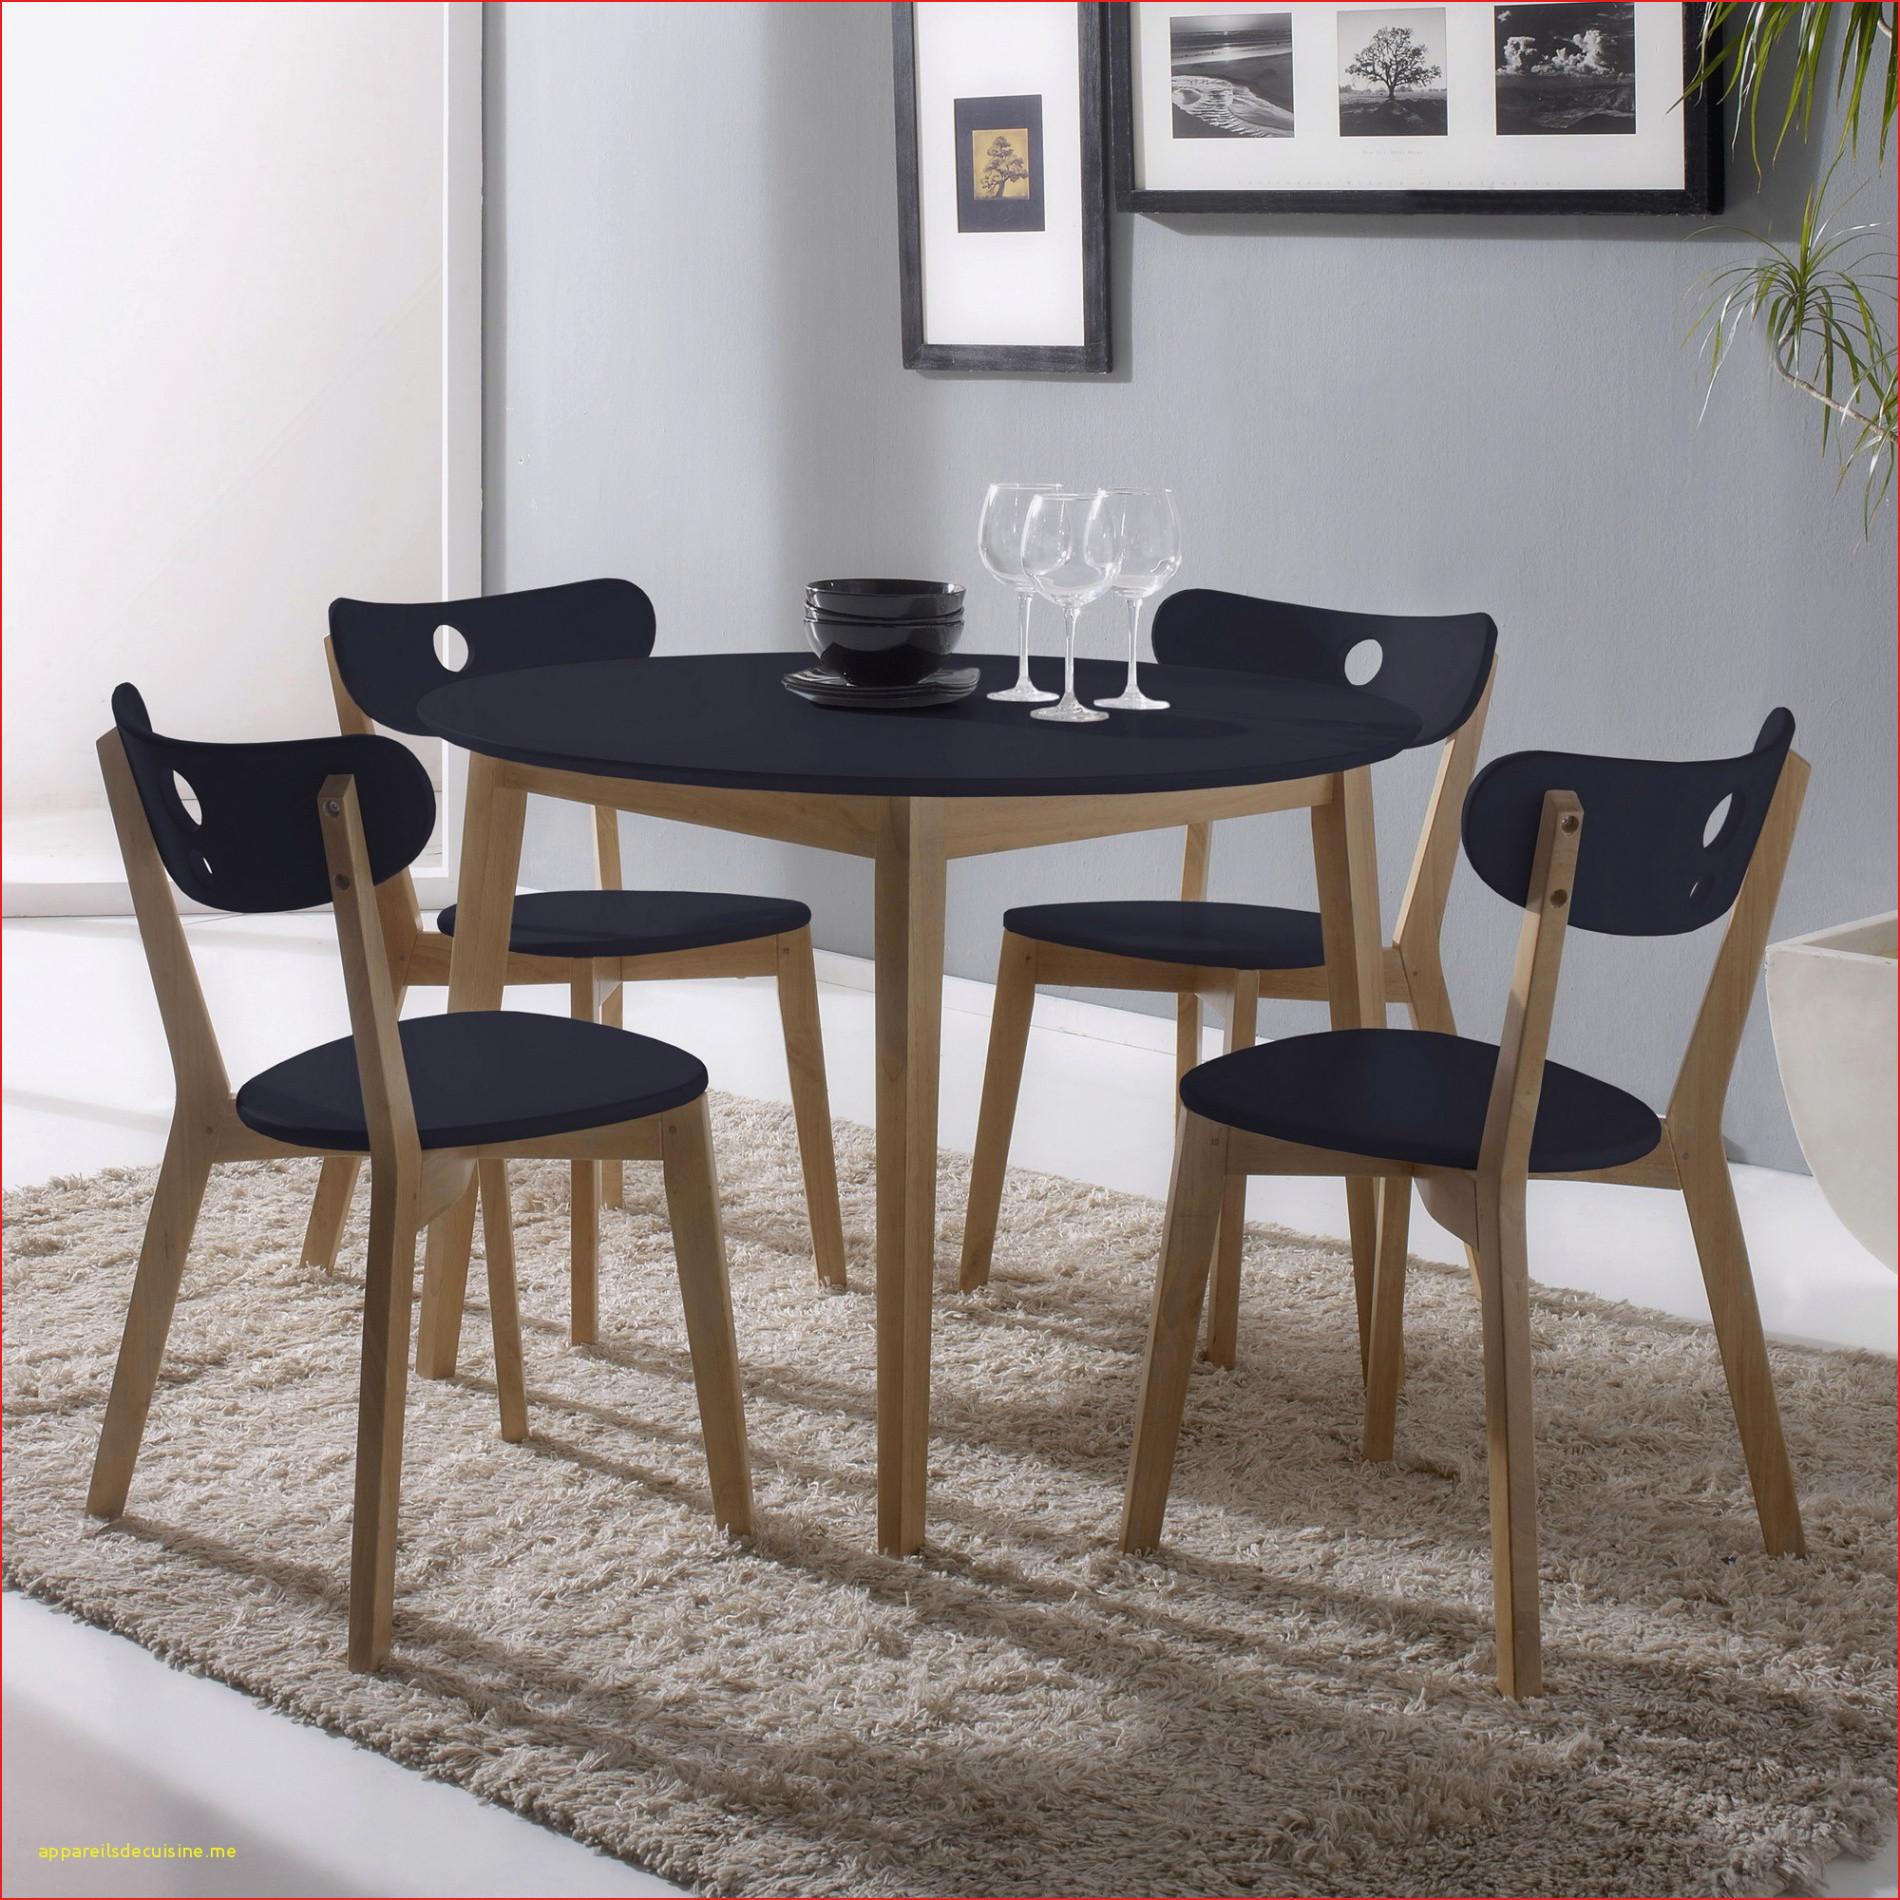 fauteuil bois table cuisine table cuisine bois massif frais fauteuil salon 0d of fauteuil bois